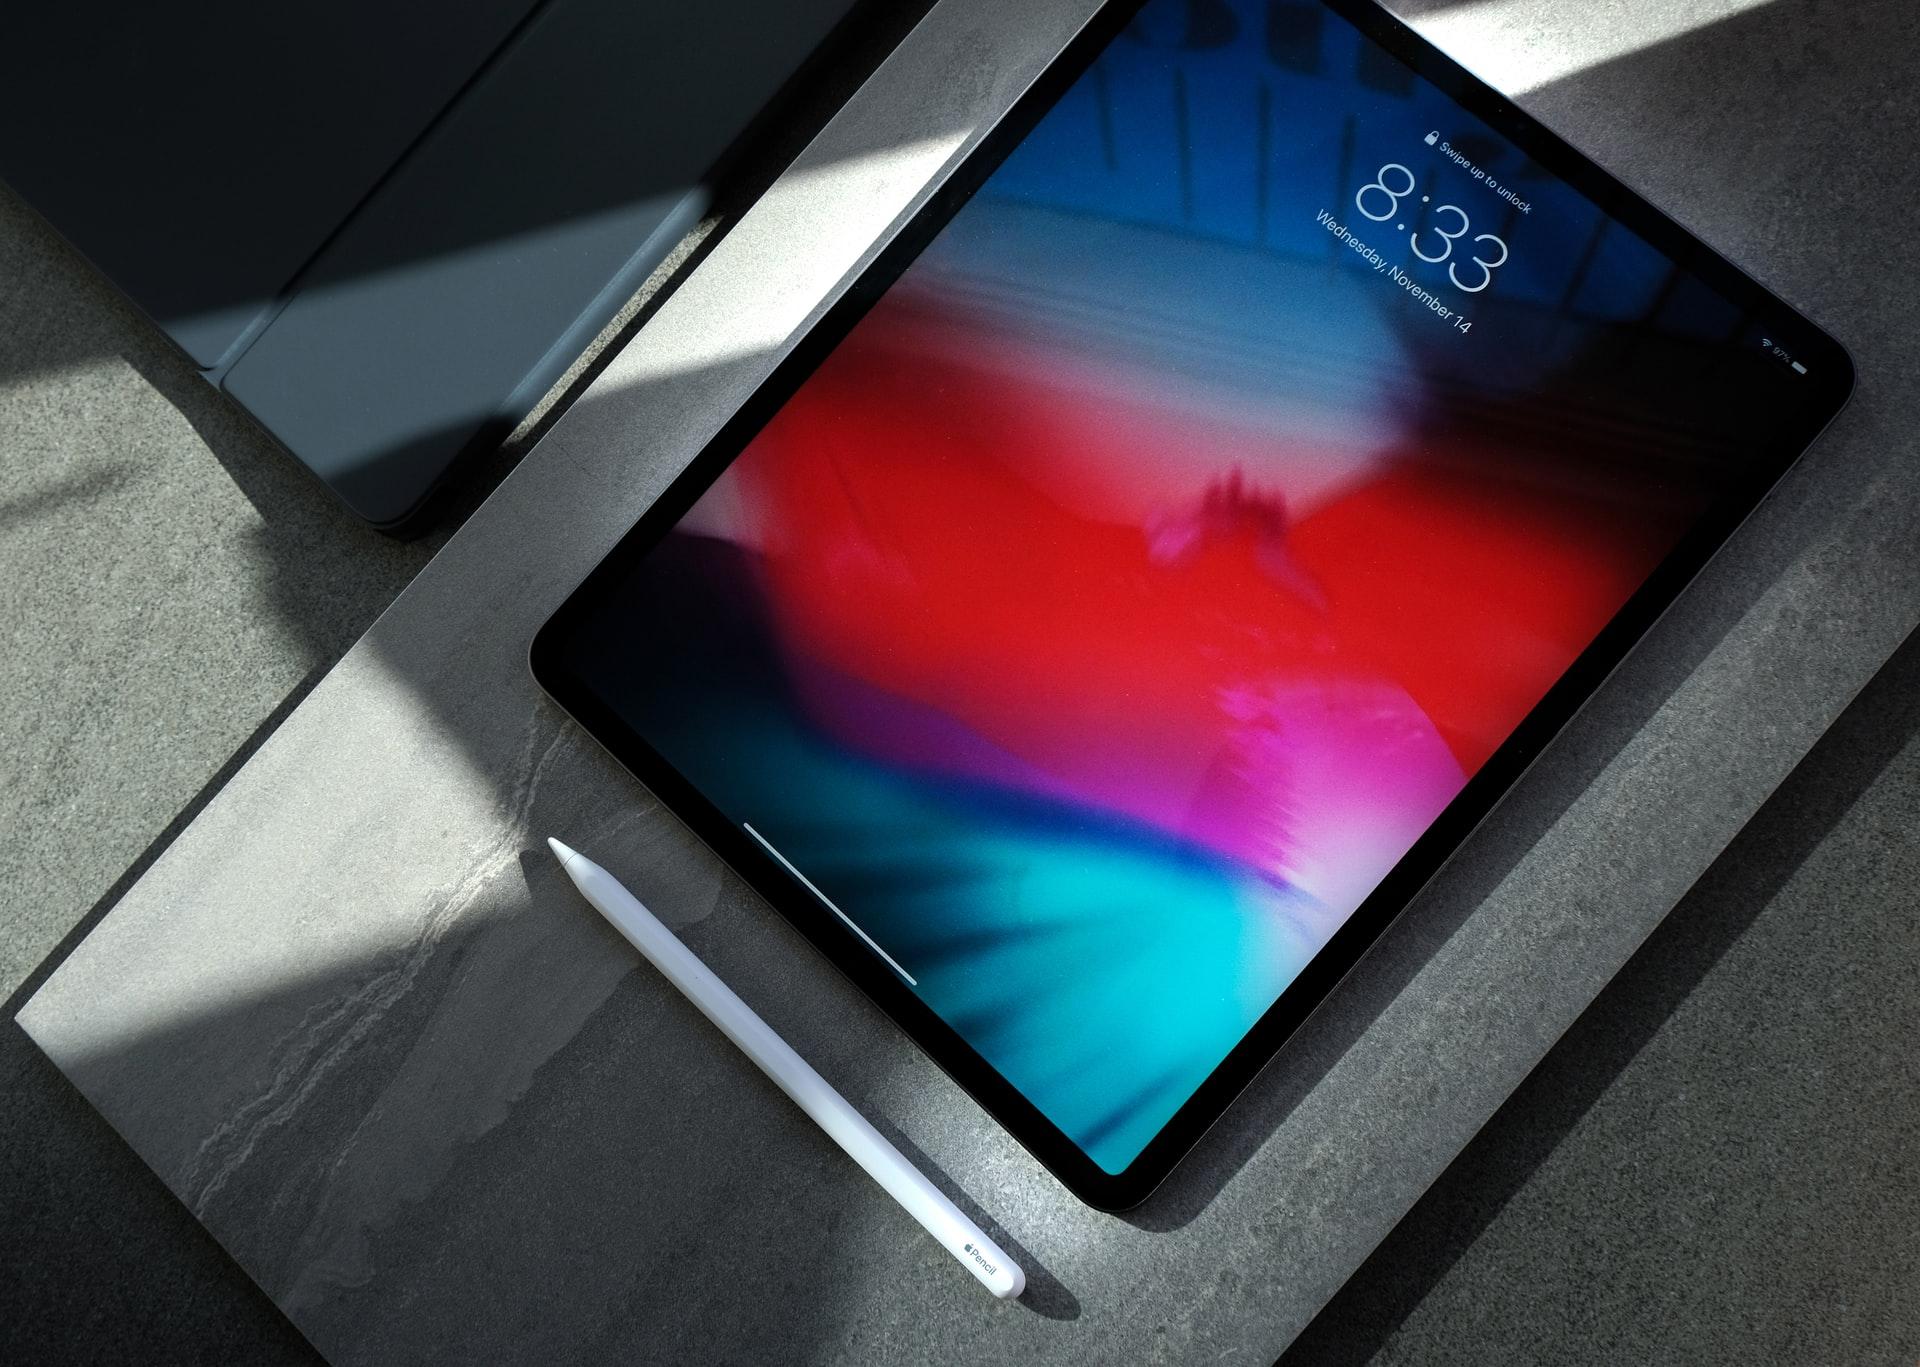 francois hoang gYVNvRygCUw unsplash - Beskyt din iPad mini med et smart cover